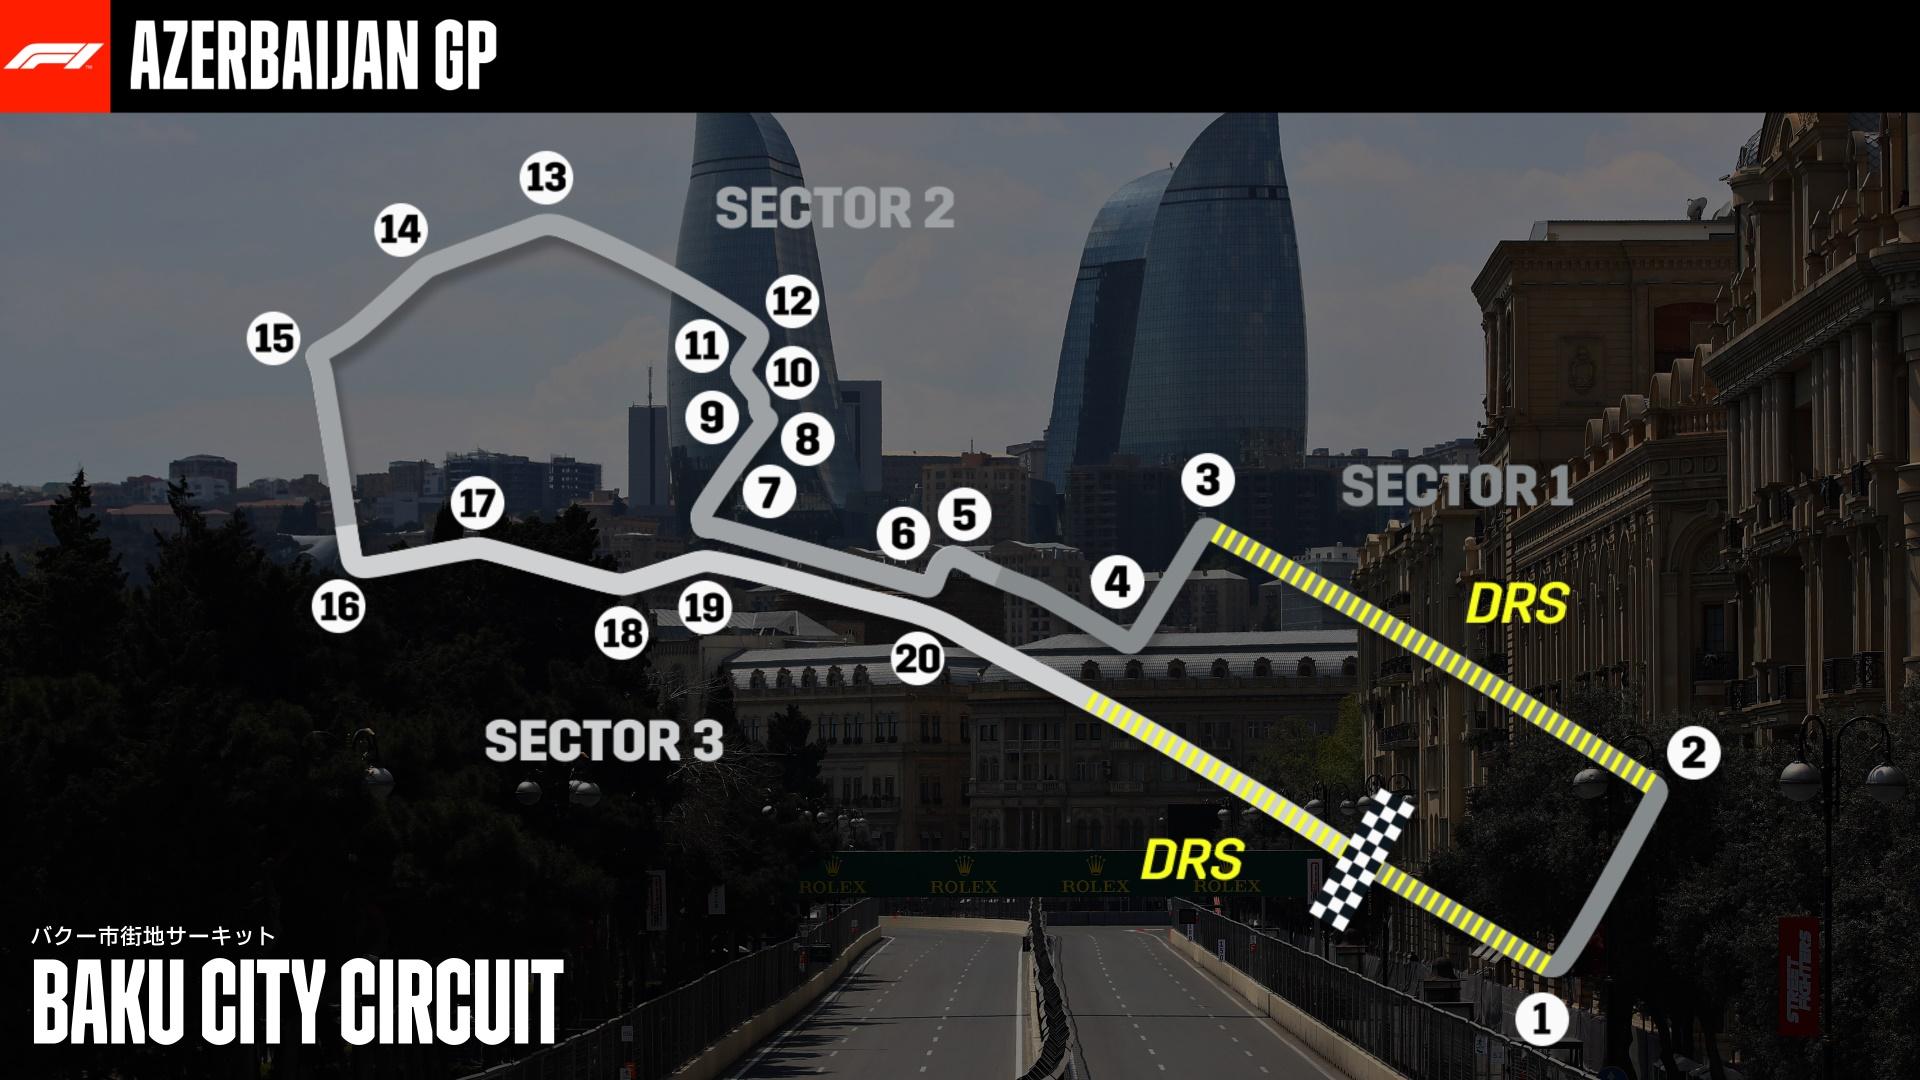 2021-05-22 Azerbaijan Circuit F1 Formula 1